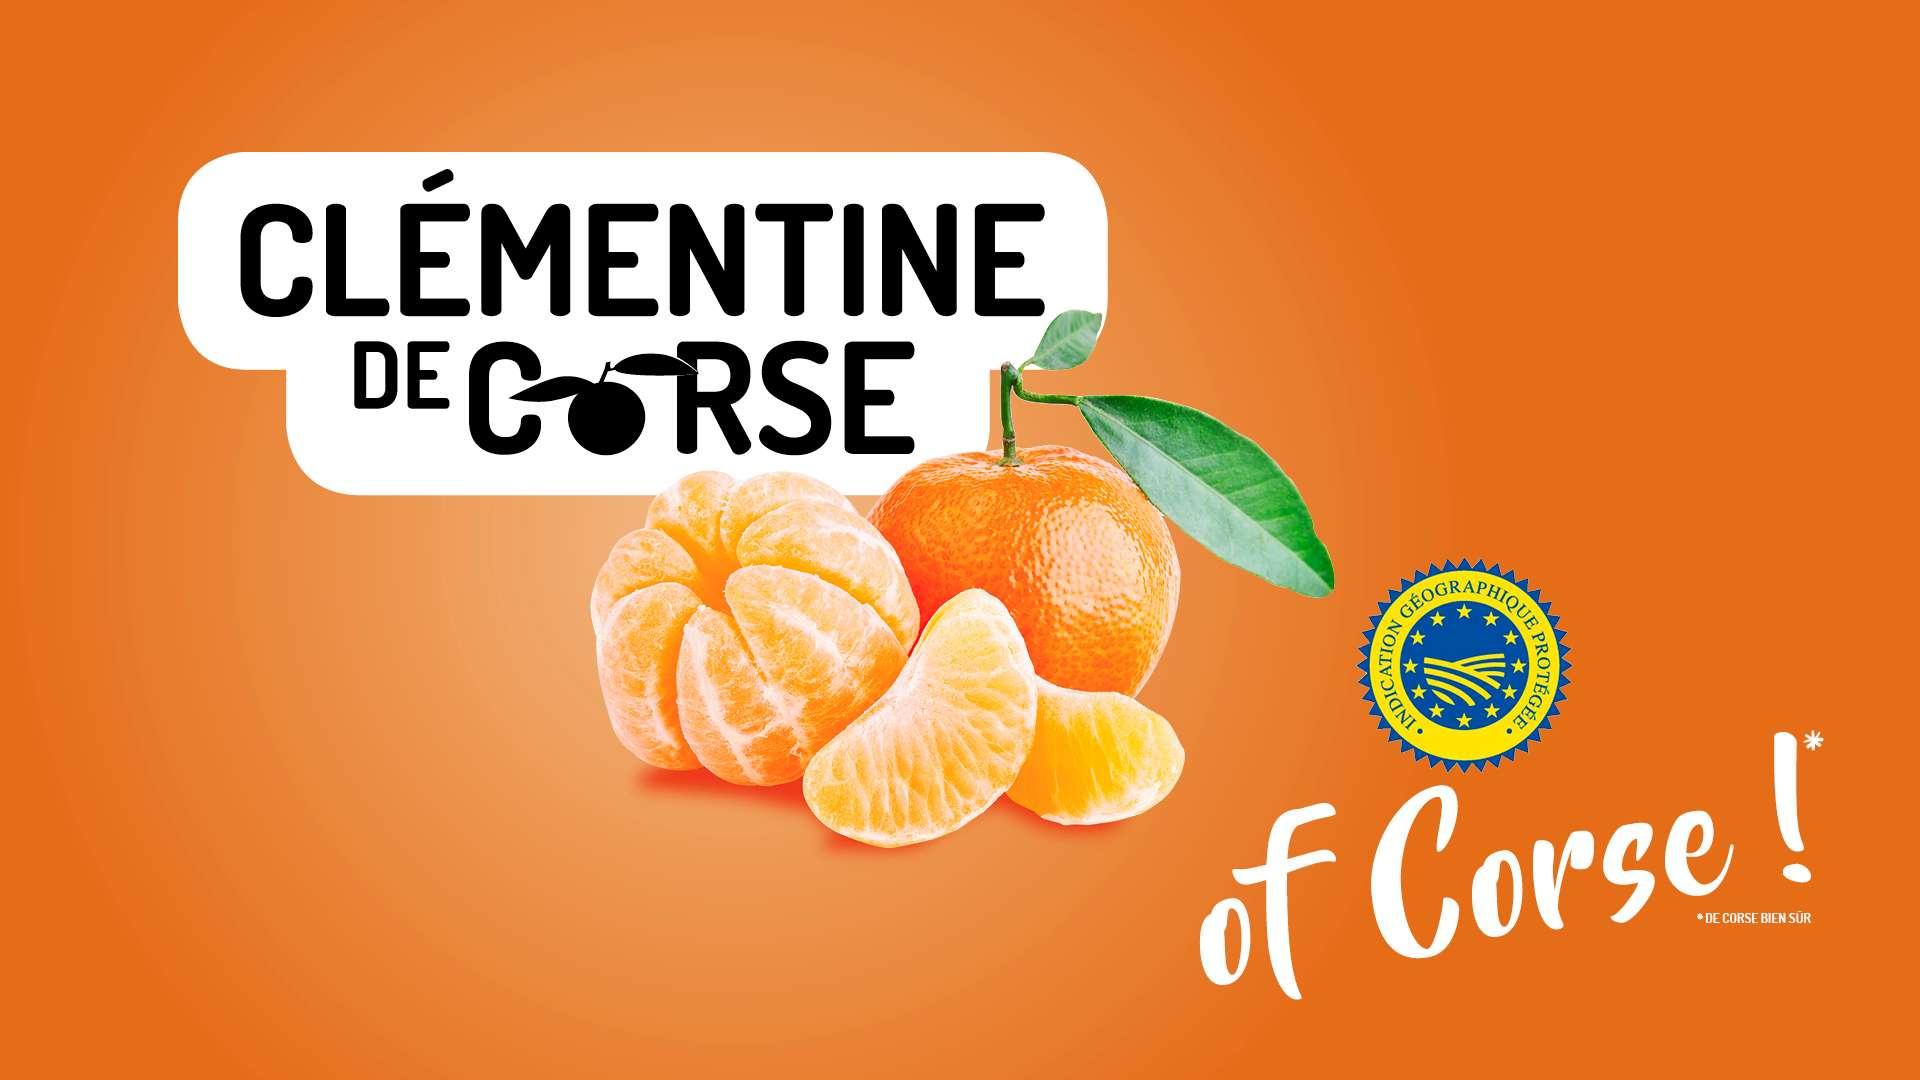 Il successo della clementina còrsa può aiutare anche gli agricoltori italiani?